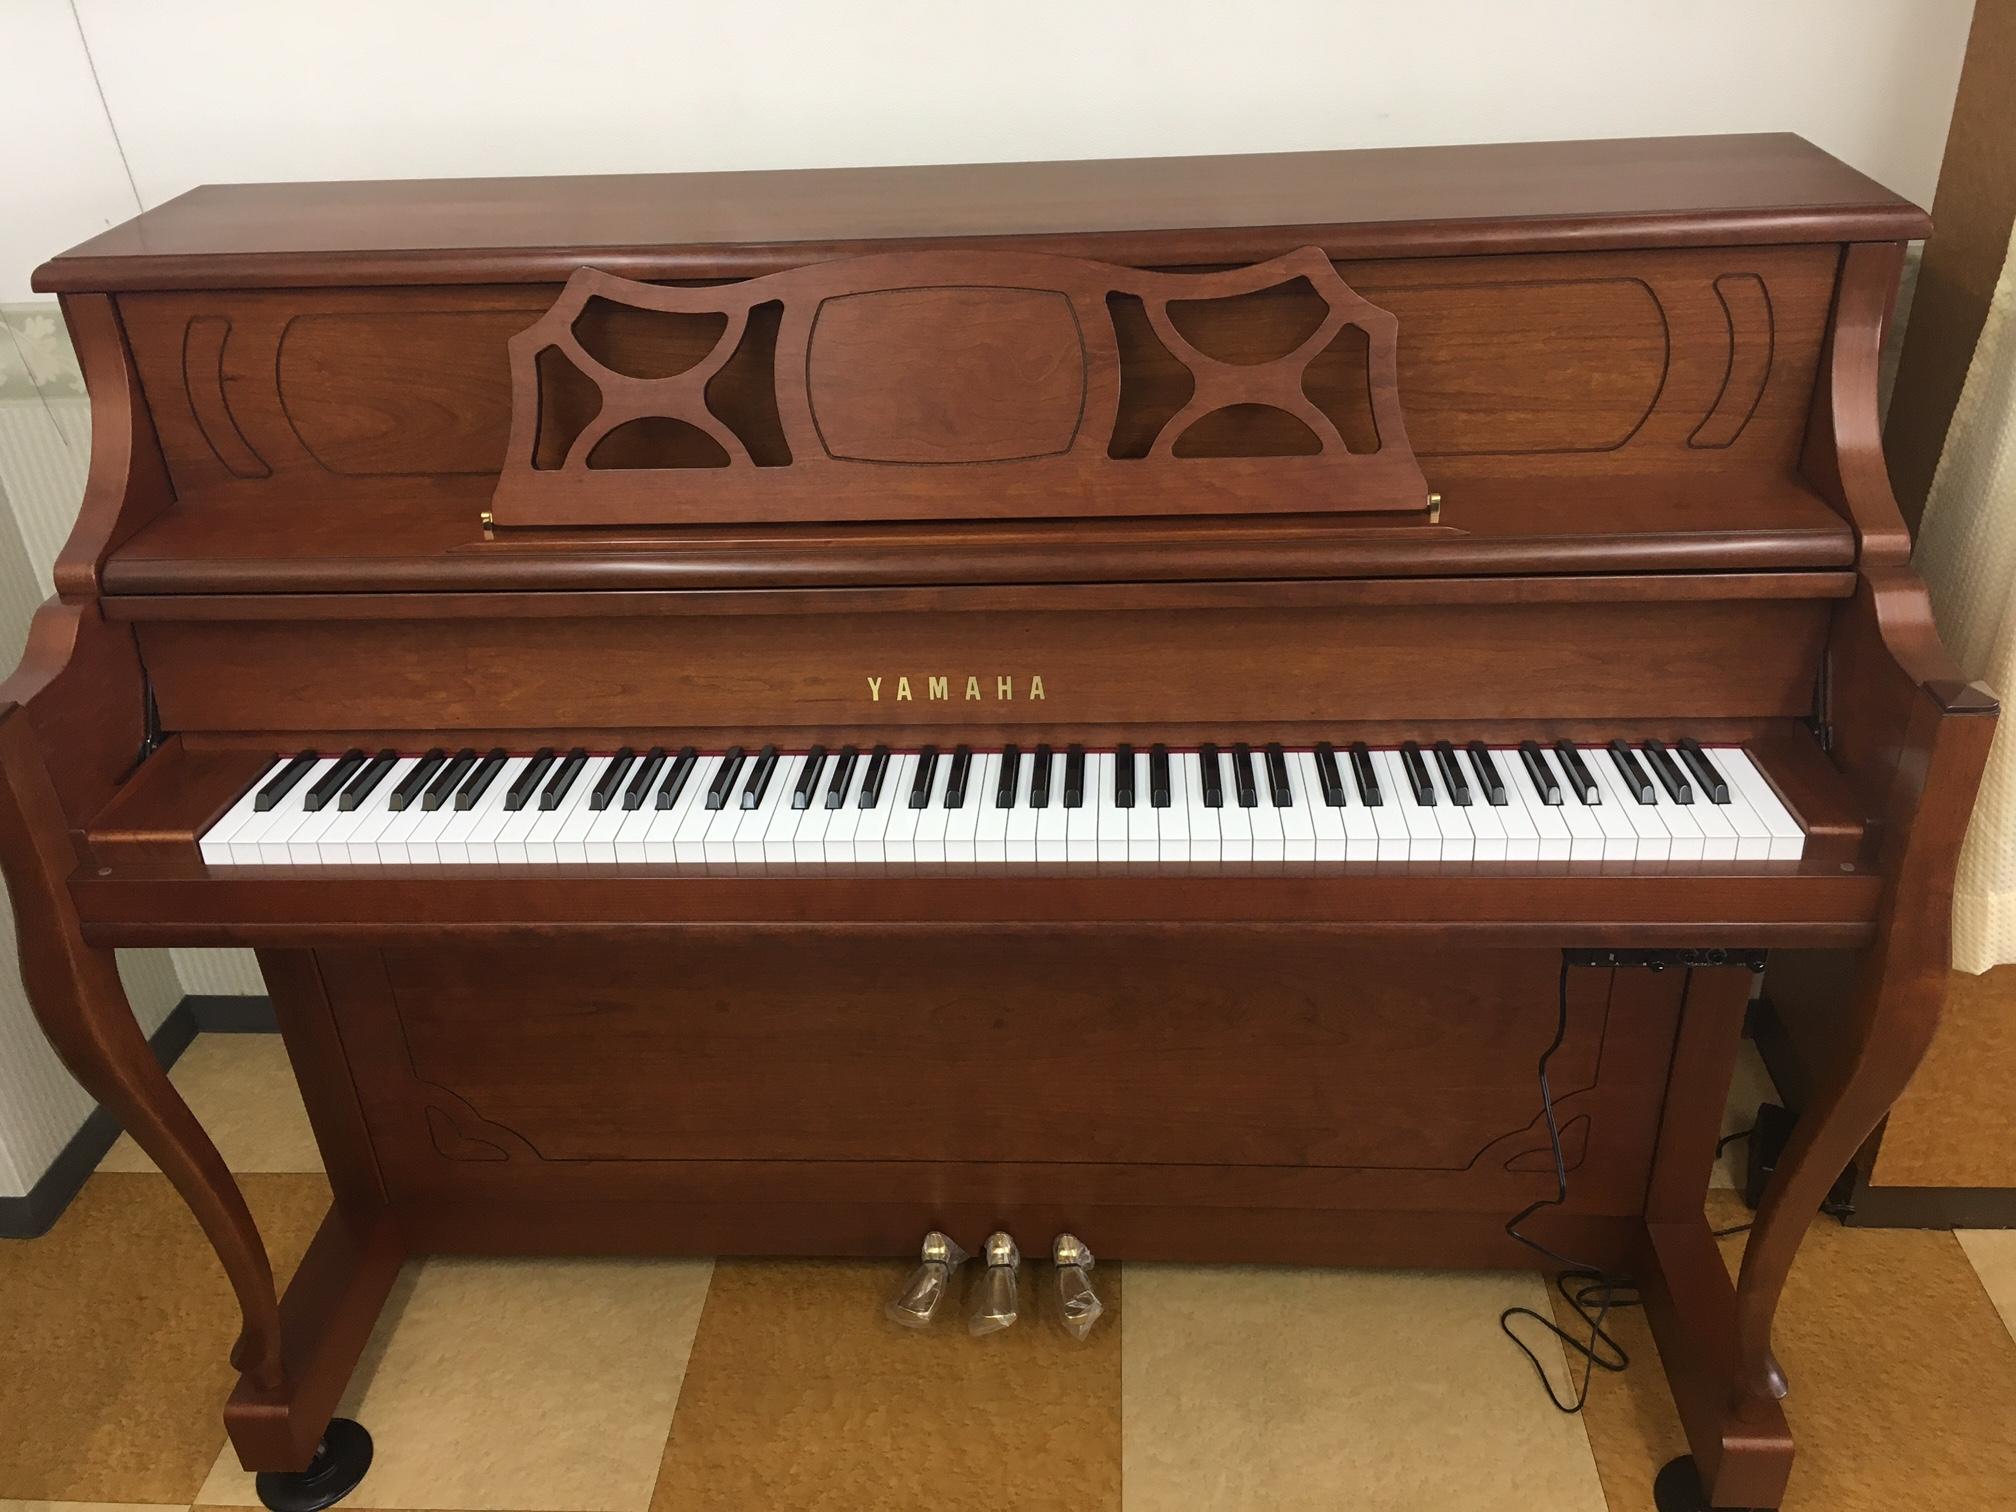 Nikkyo Gakki スペシャルセレクトピアノ T101CRS 2002年製